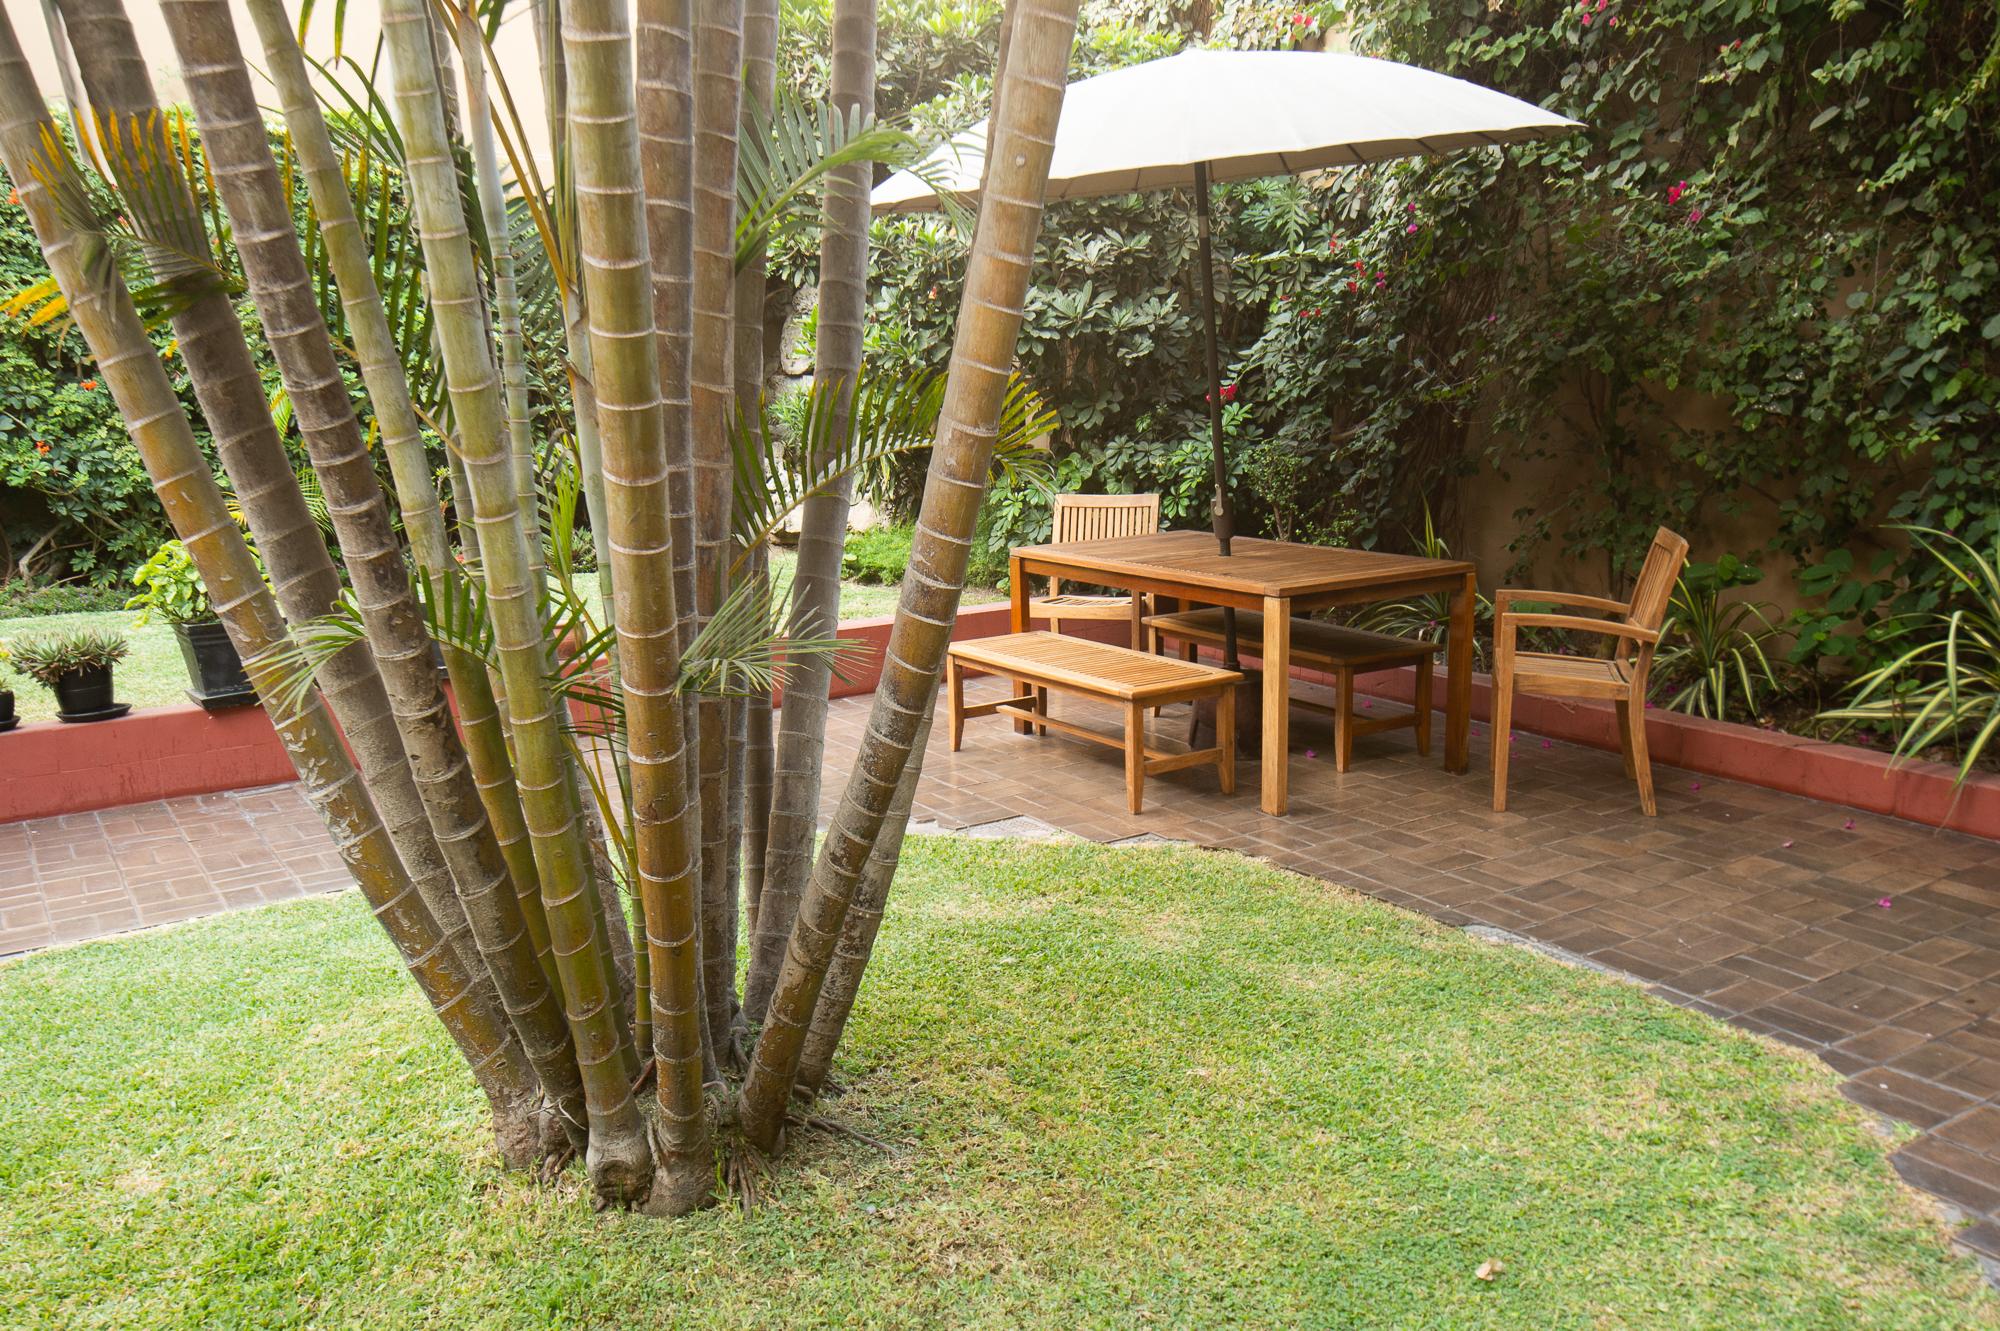 Hotel San Antonio Abad - Internal Garden